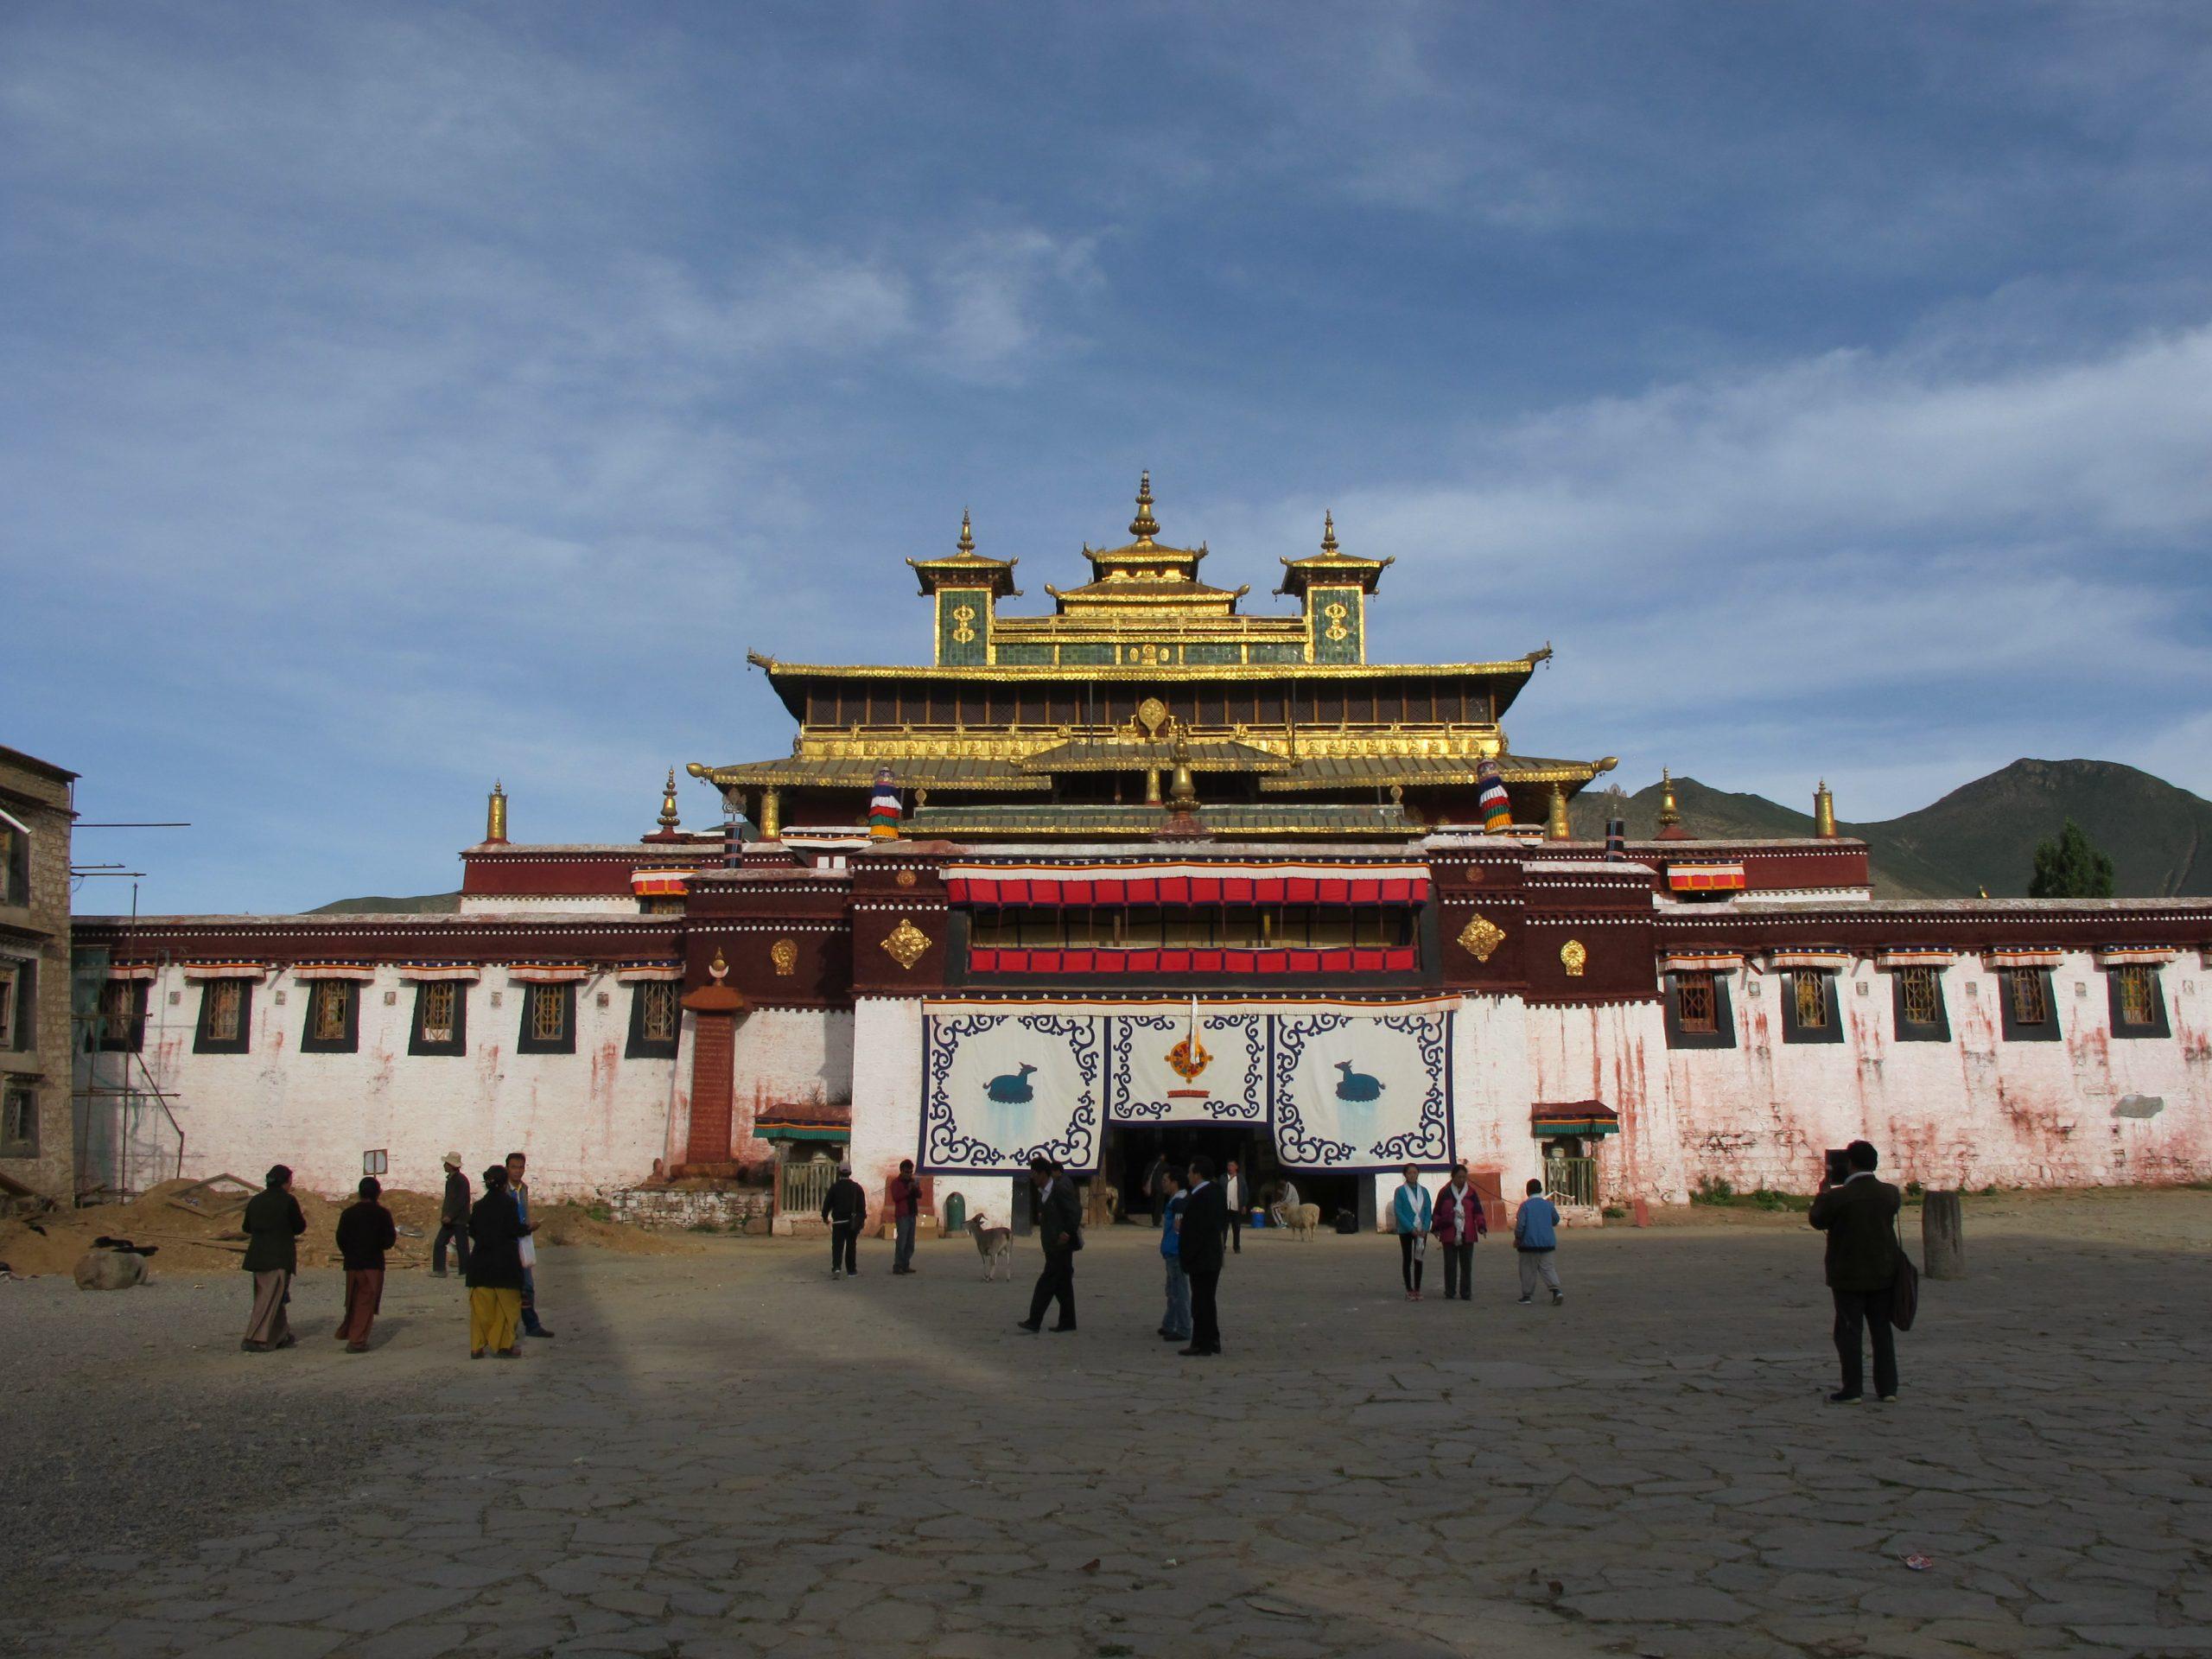 viajar al tibet, viaje al tibet, tibet road, tibet, nepal, carretera de la amistad, friendship highway, viajar por carretera de nepal al tibet, viajar por carretera del tibet a nepal, Monasterio de Samye, samye, samye monastery